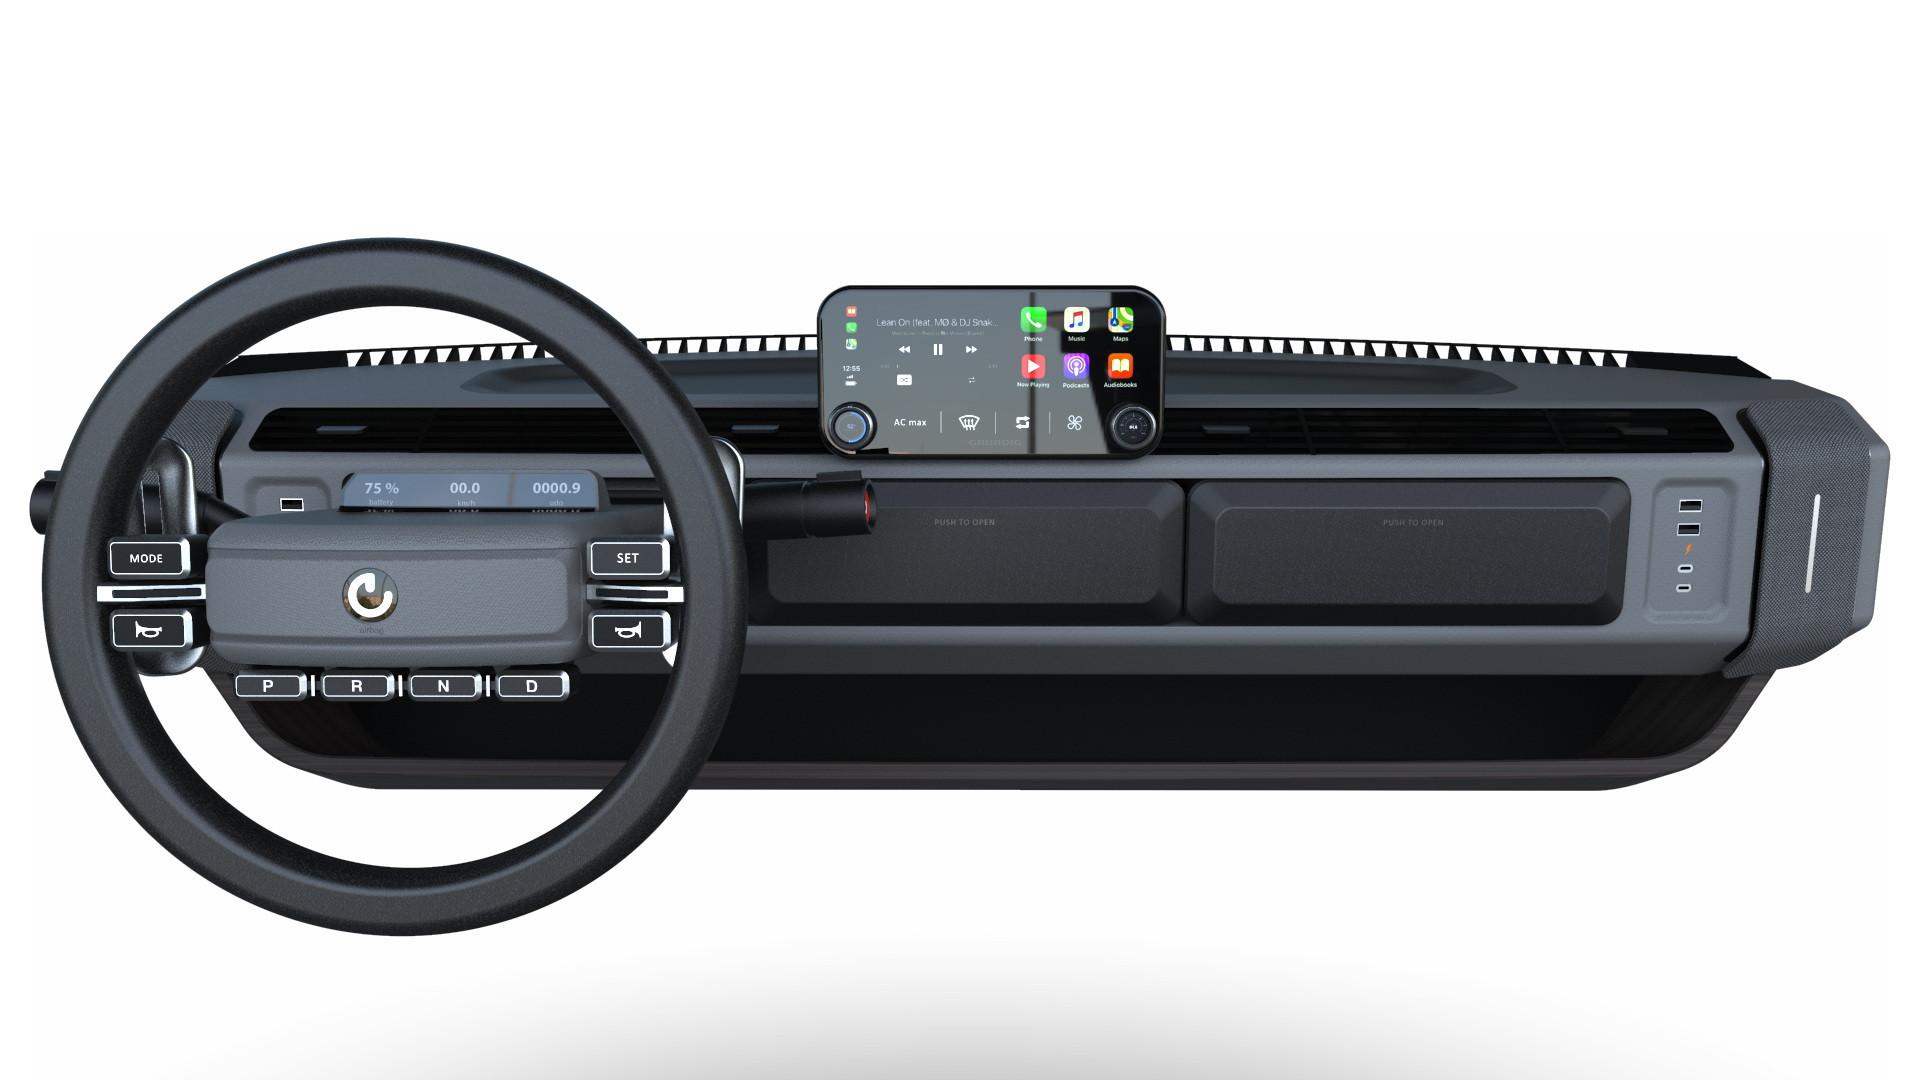 Bảng điều khiển trung tâm của xe XBUS